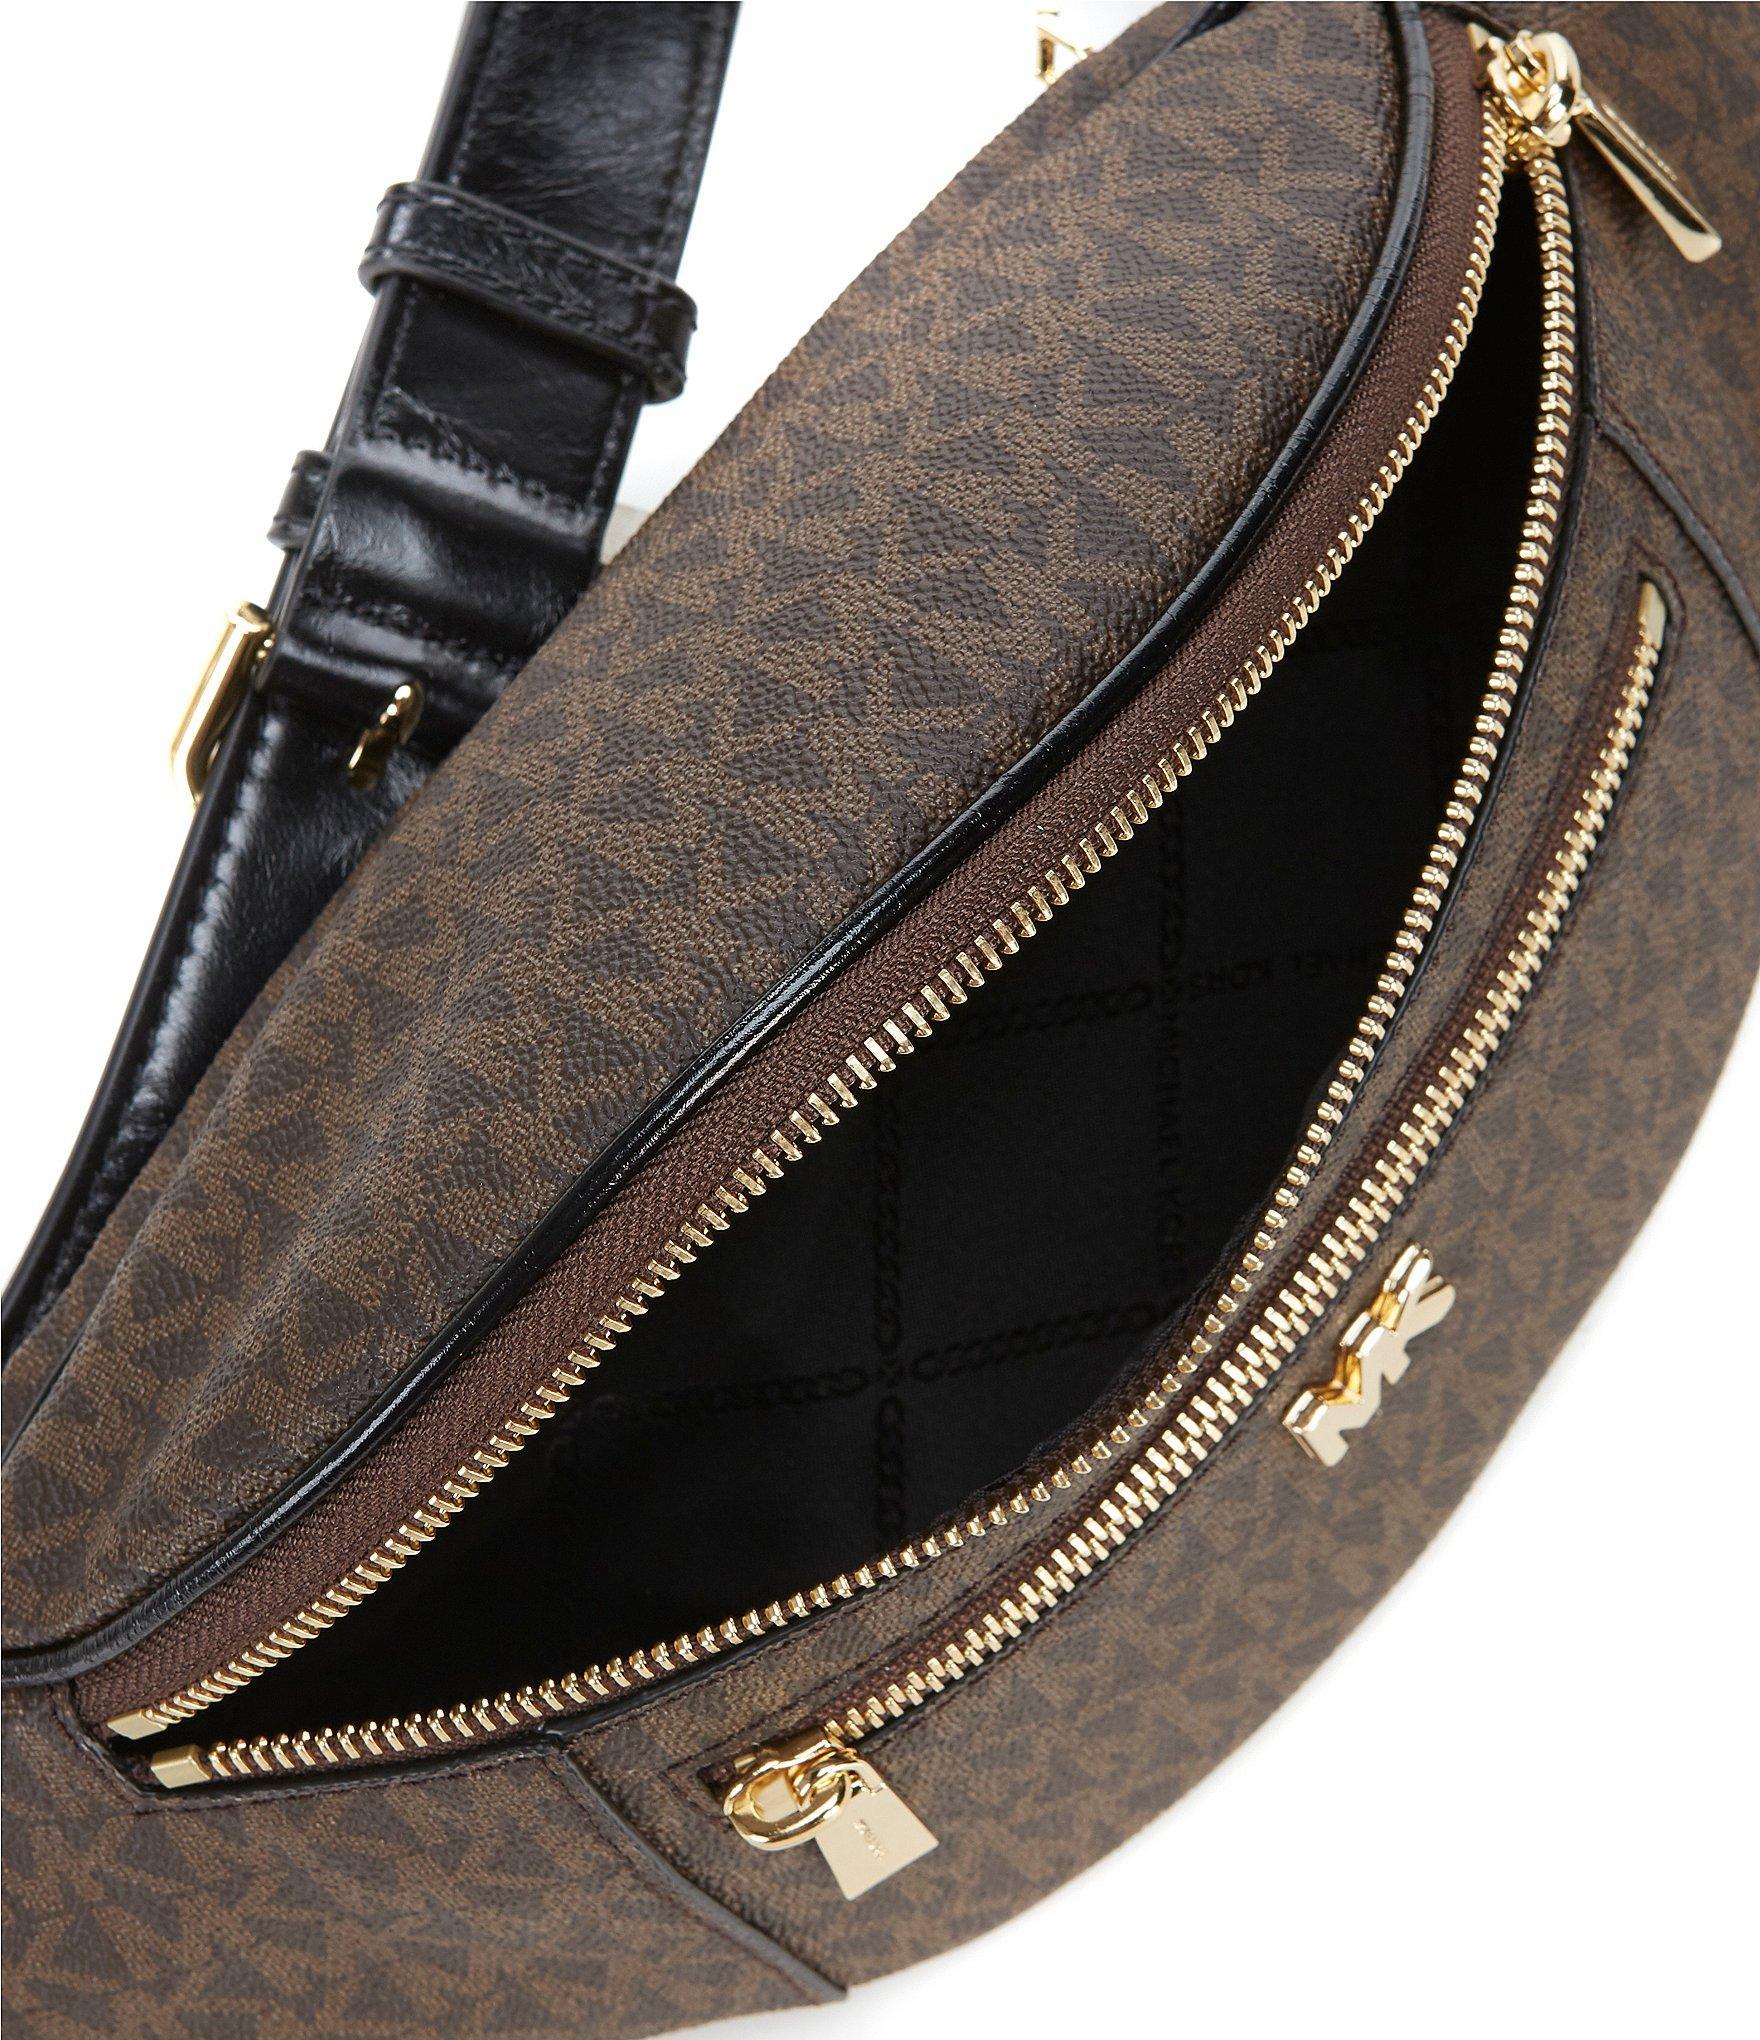 913335a9eb16 Lyst - MICHAEL Michael Kors Mott Medium Waist Pack Belt Bag